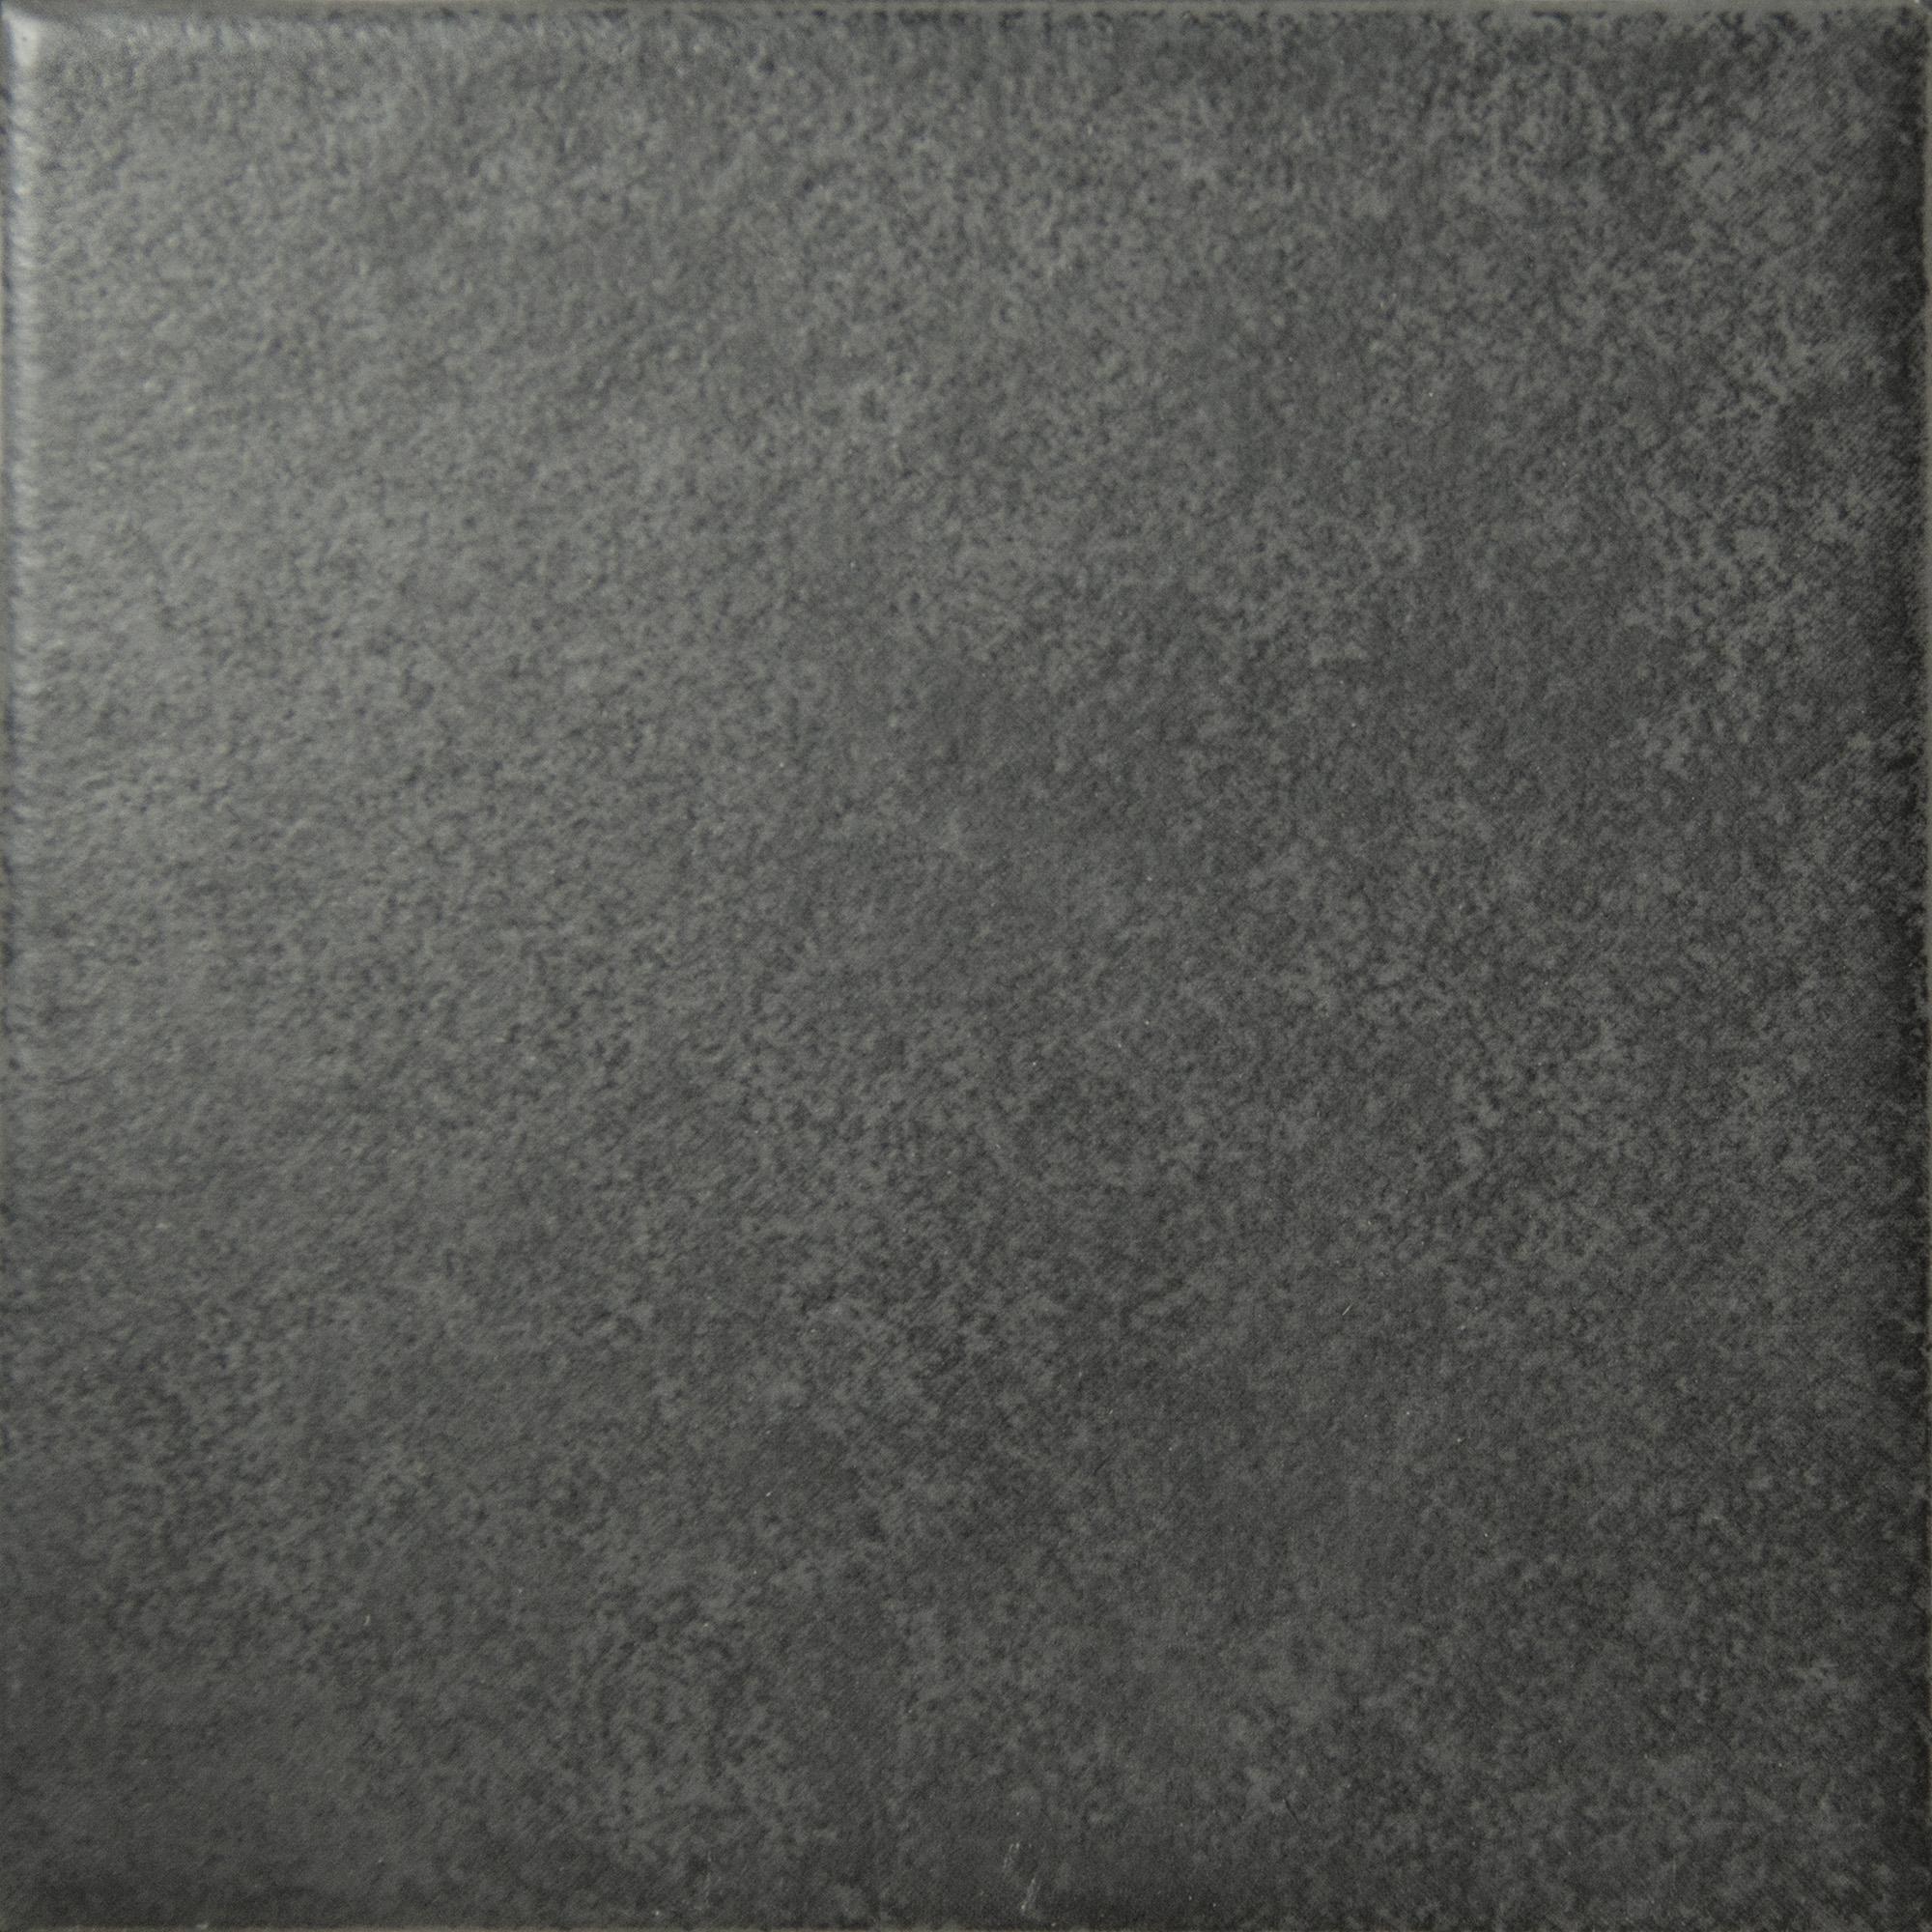 8610-05, Geo, Musta, lattia,pakkasenkesto